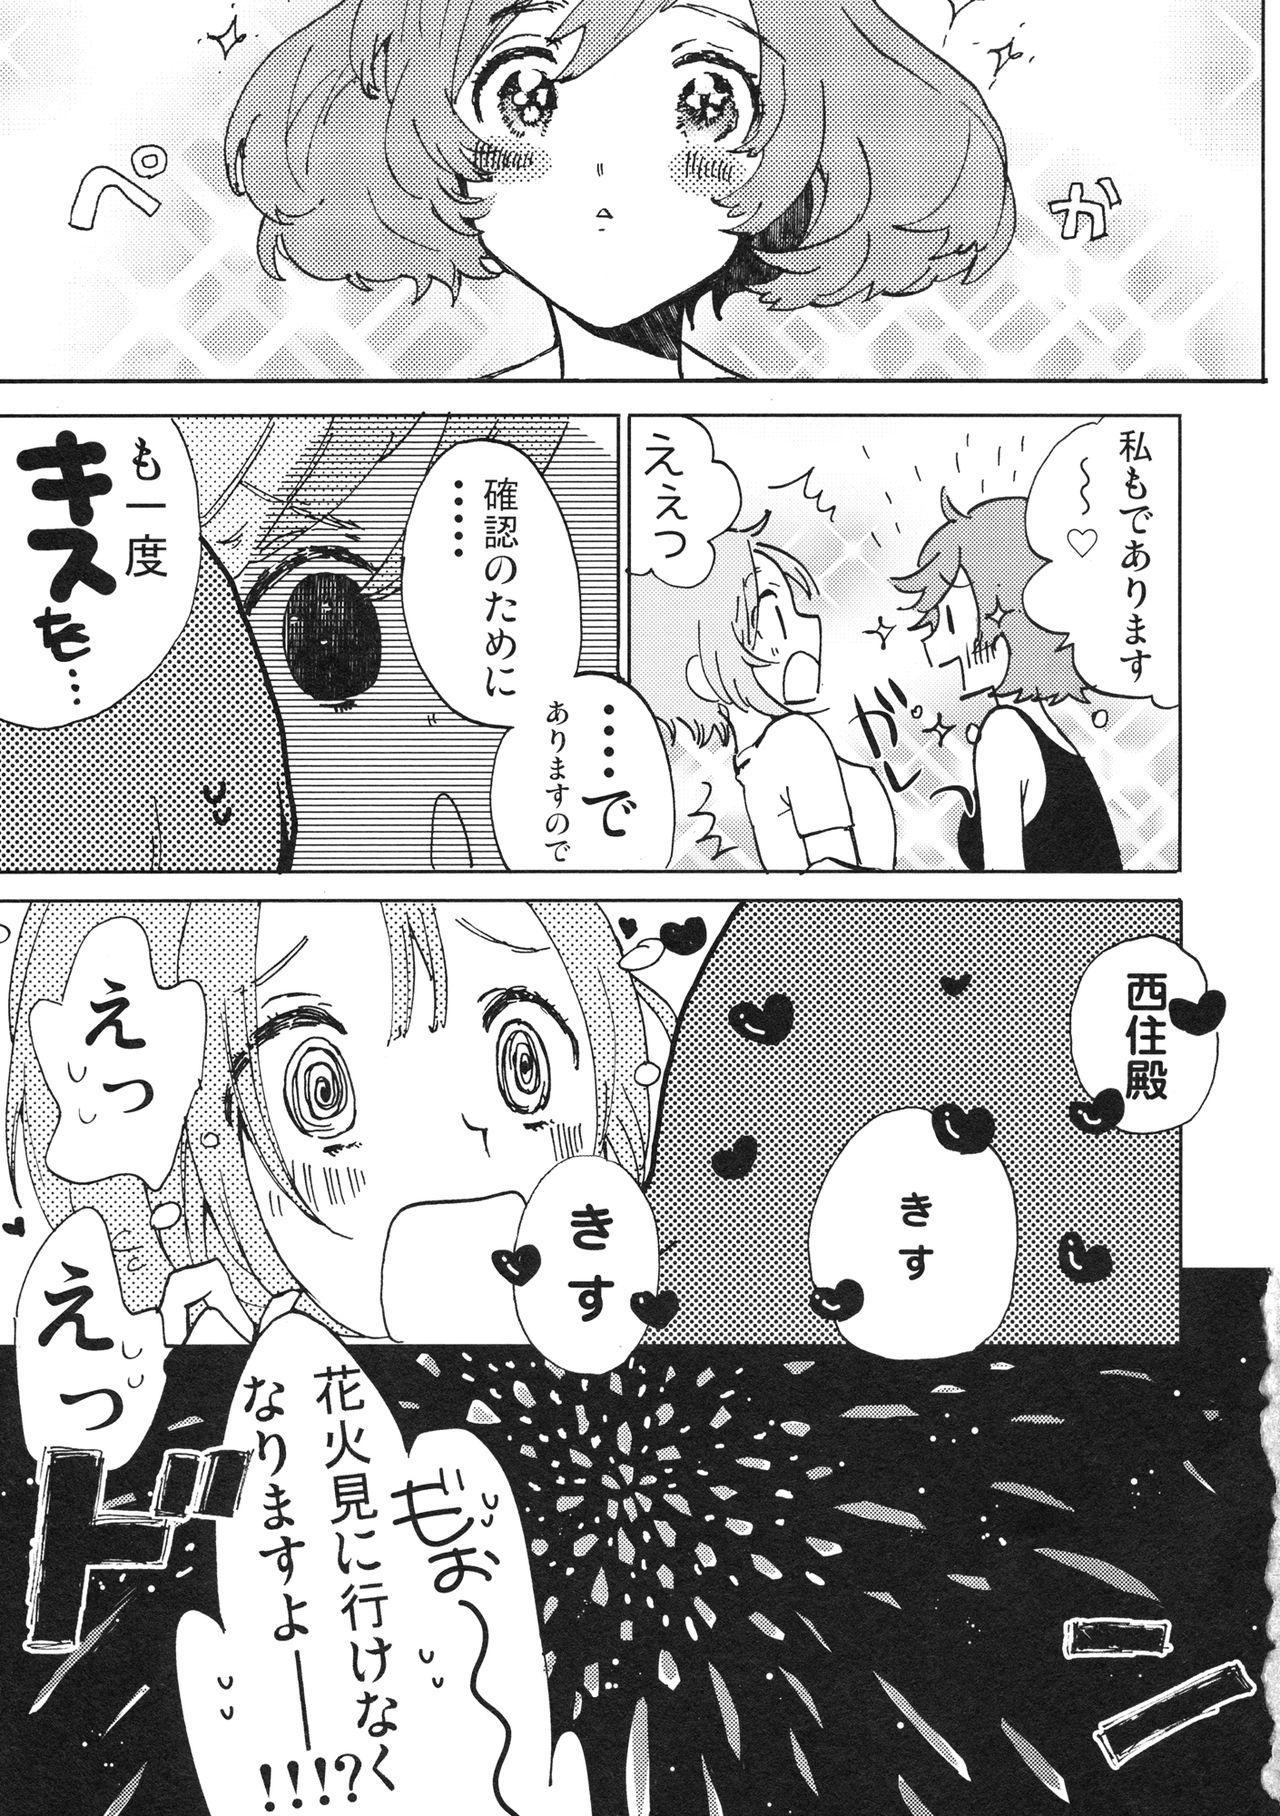 Natsu wa Aka-chan Play to Chimou to, Hanabi o Mite Kiss o Suru no da. 19